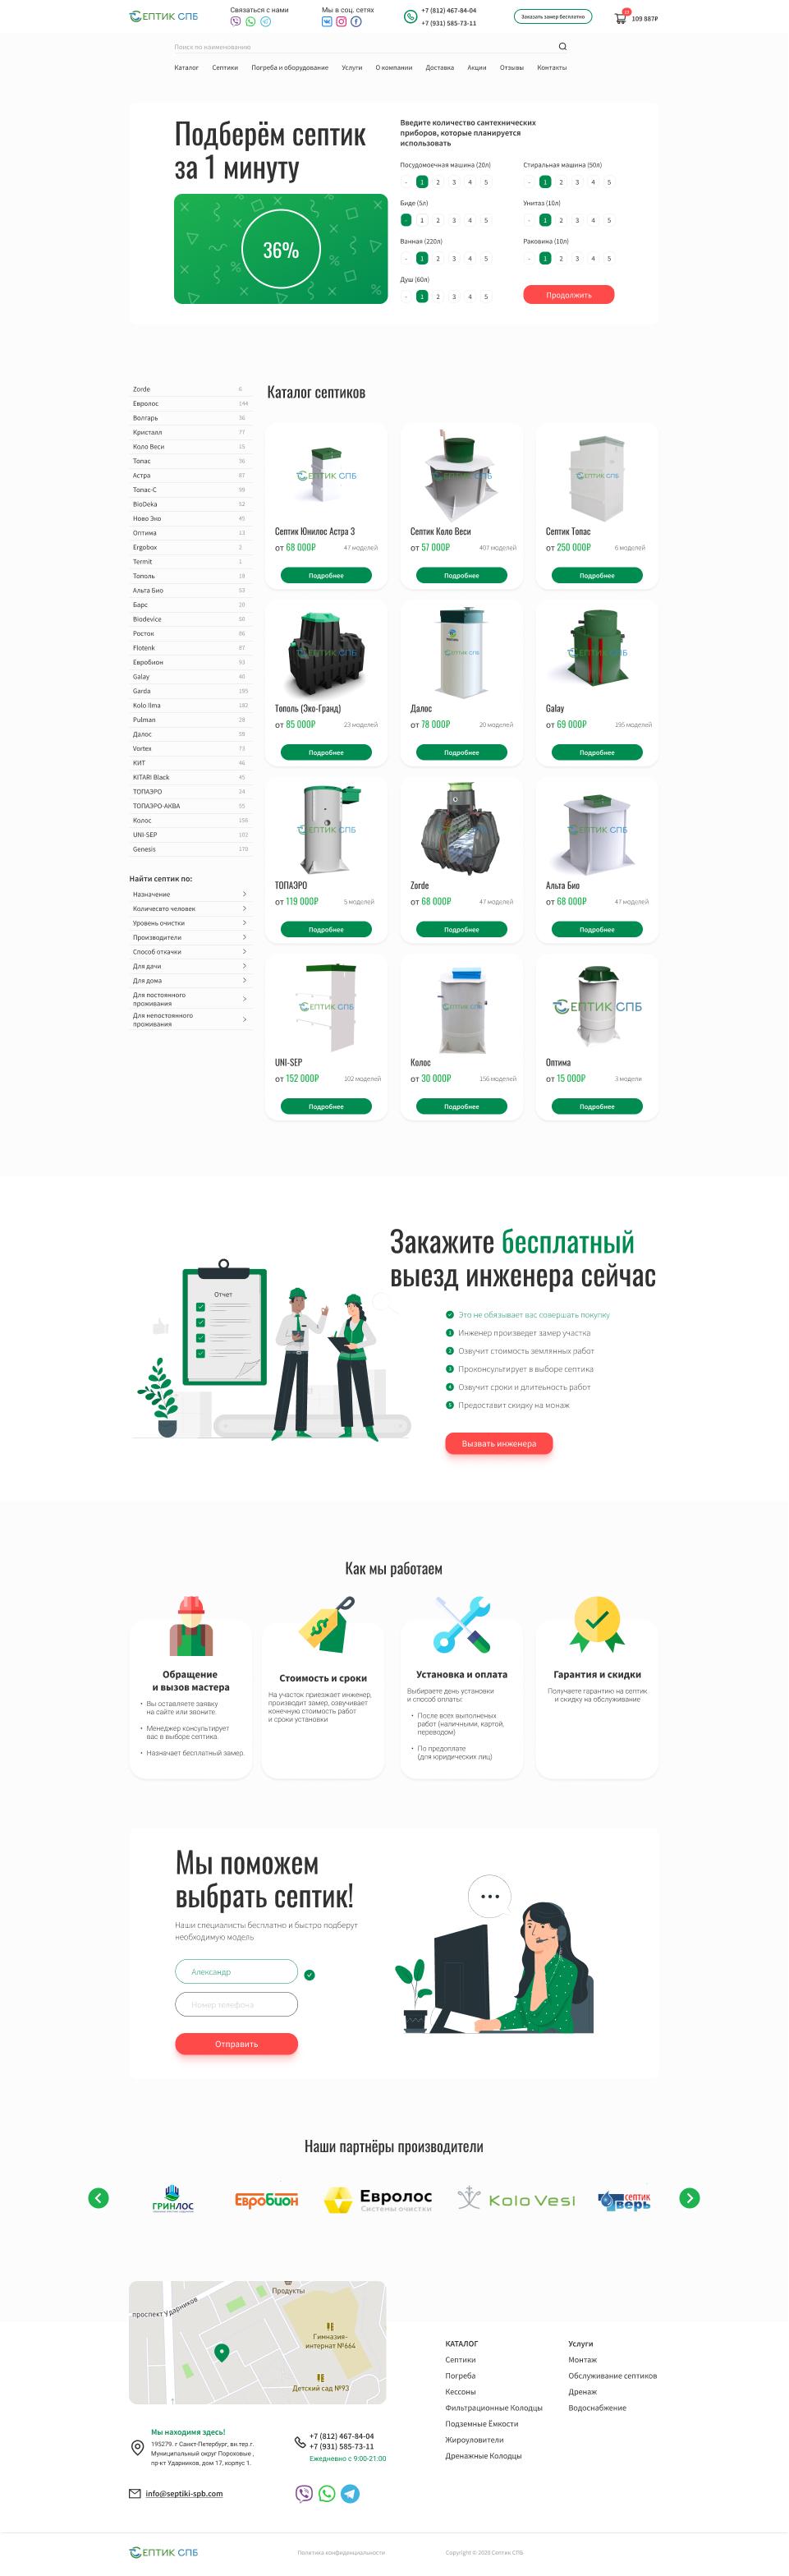 Редизайн сайта (без смены блочной страктуры) фото f_06960d4bb616b8b9.jpg